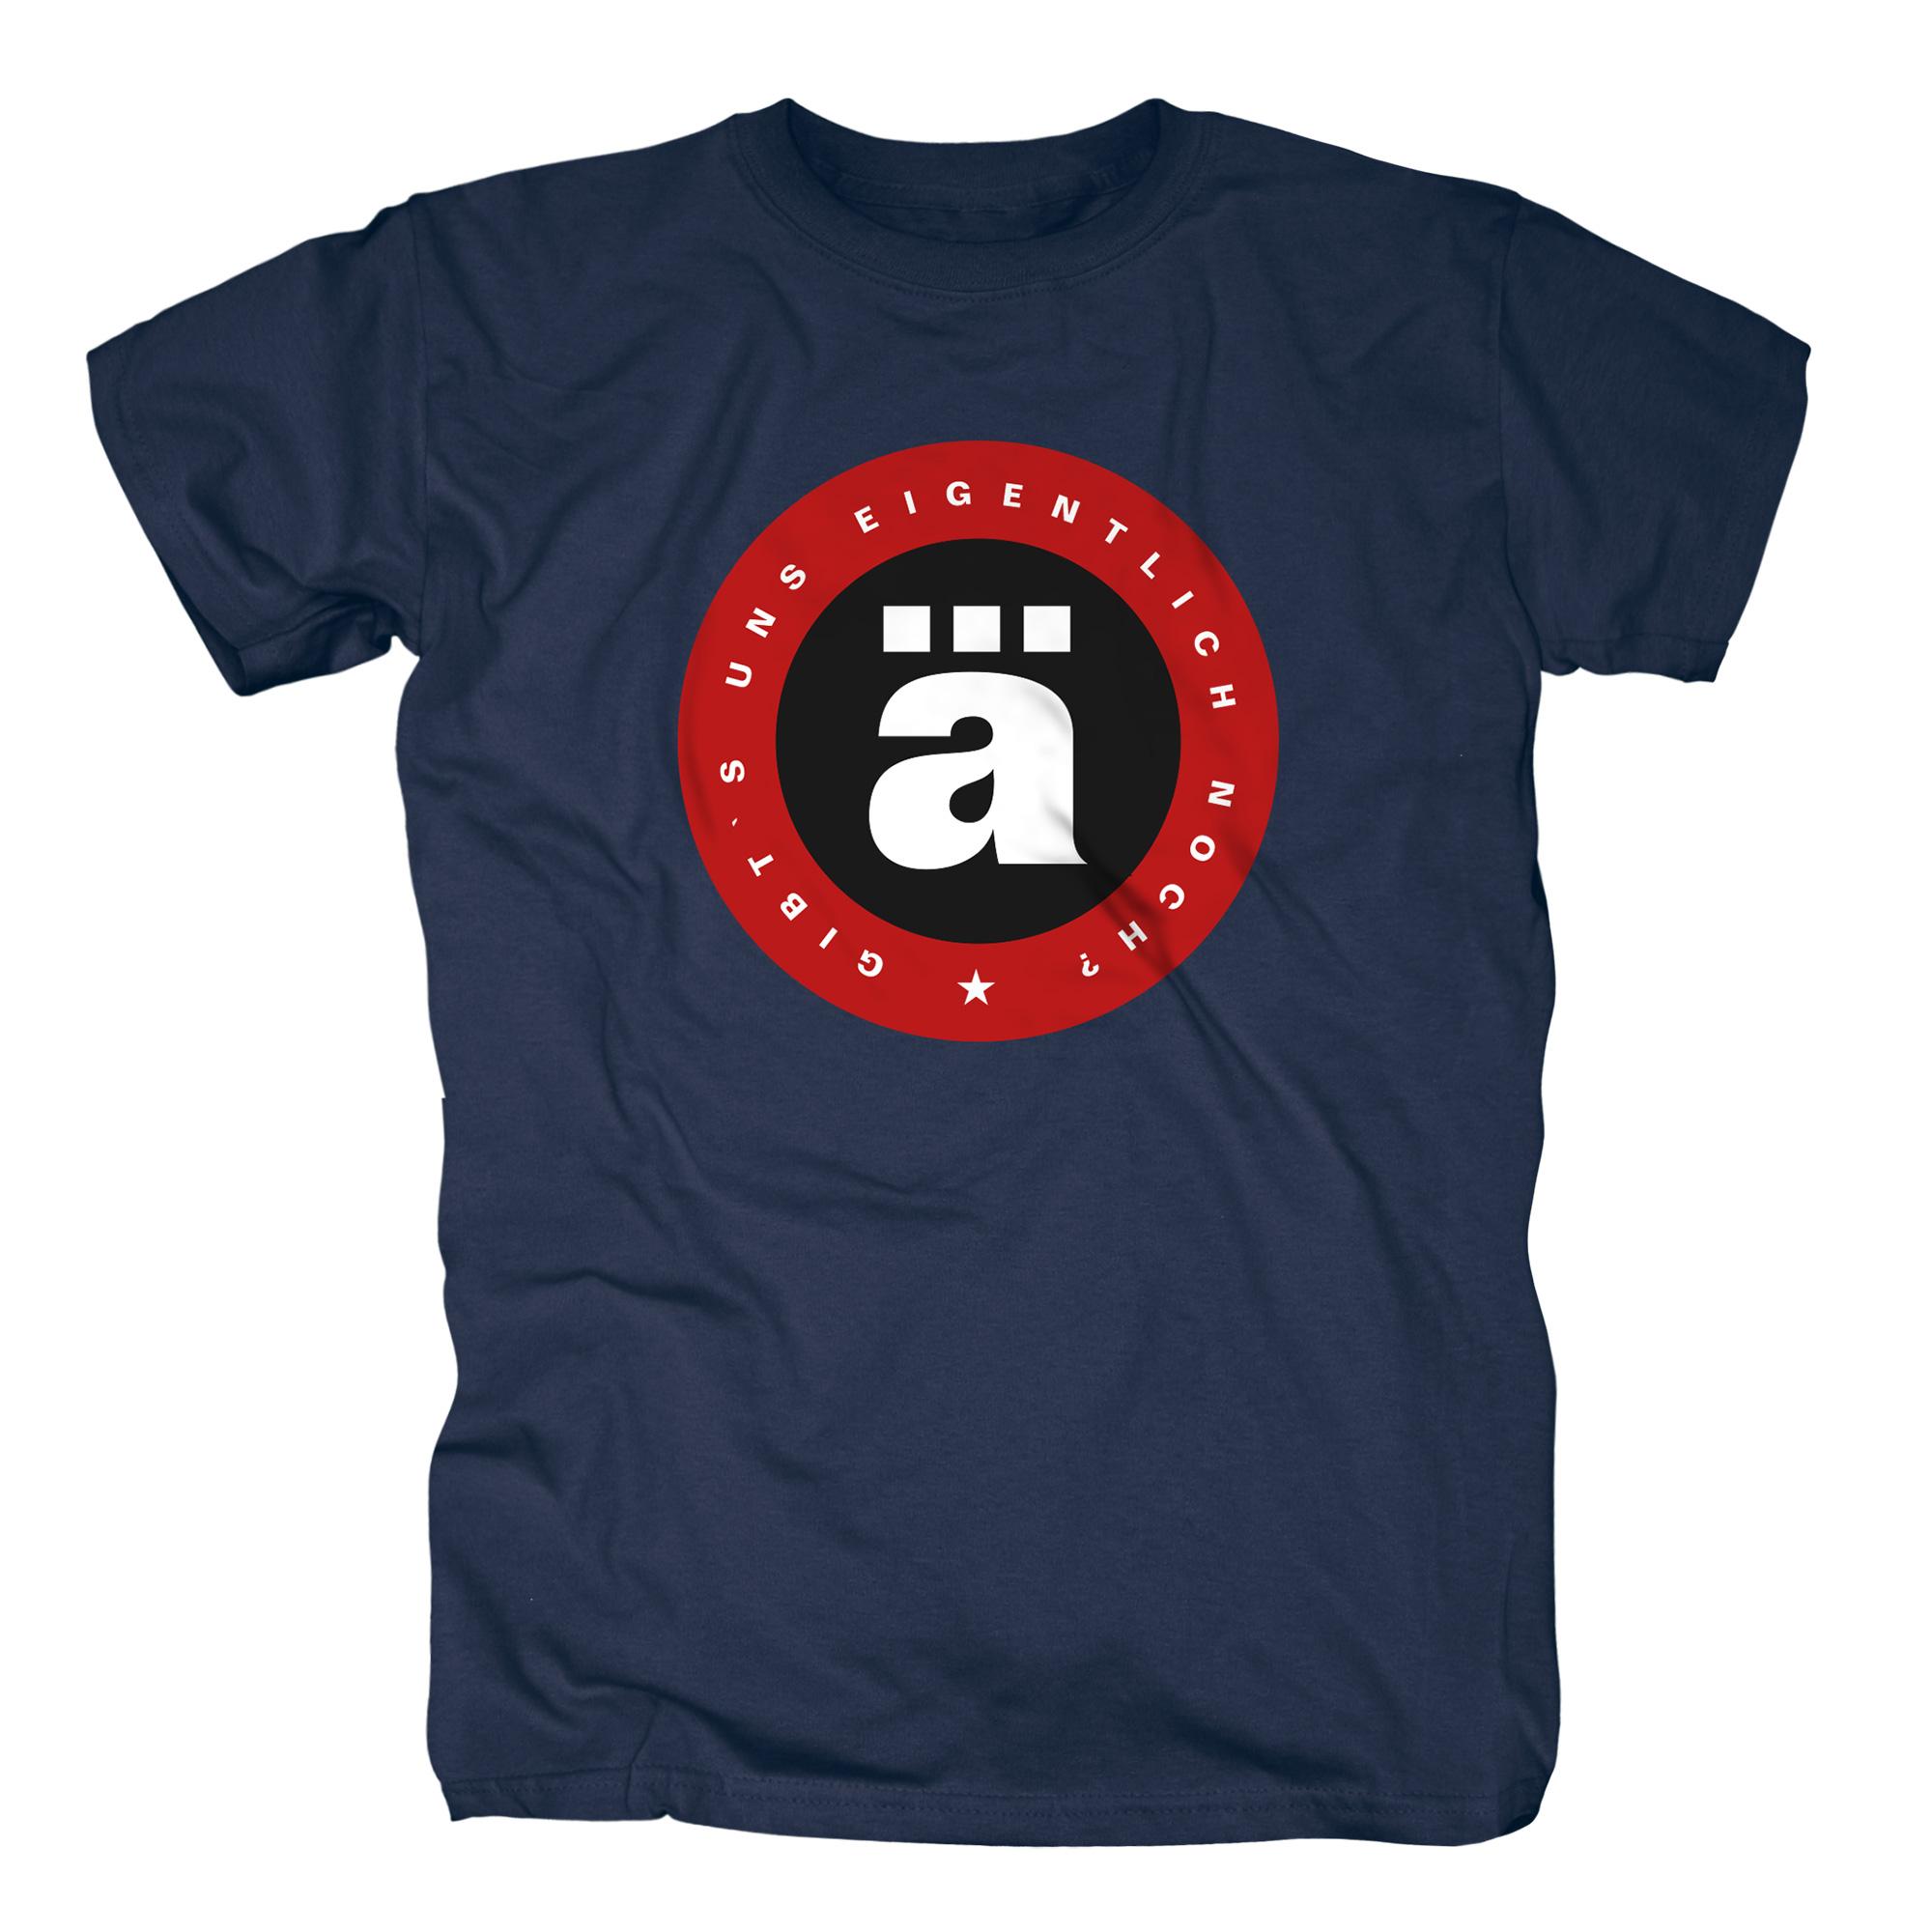 Eigentlich..? von die ärzte - T-Shirt jetzt im Bravado Shop